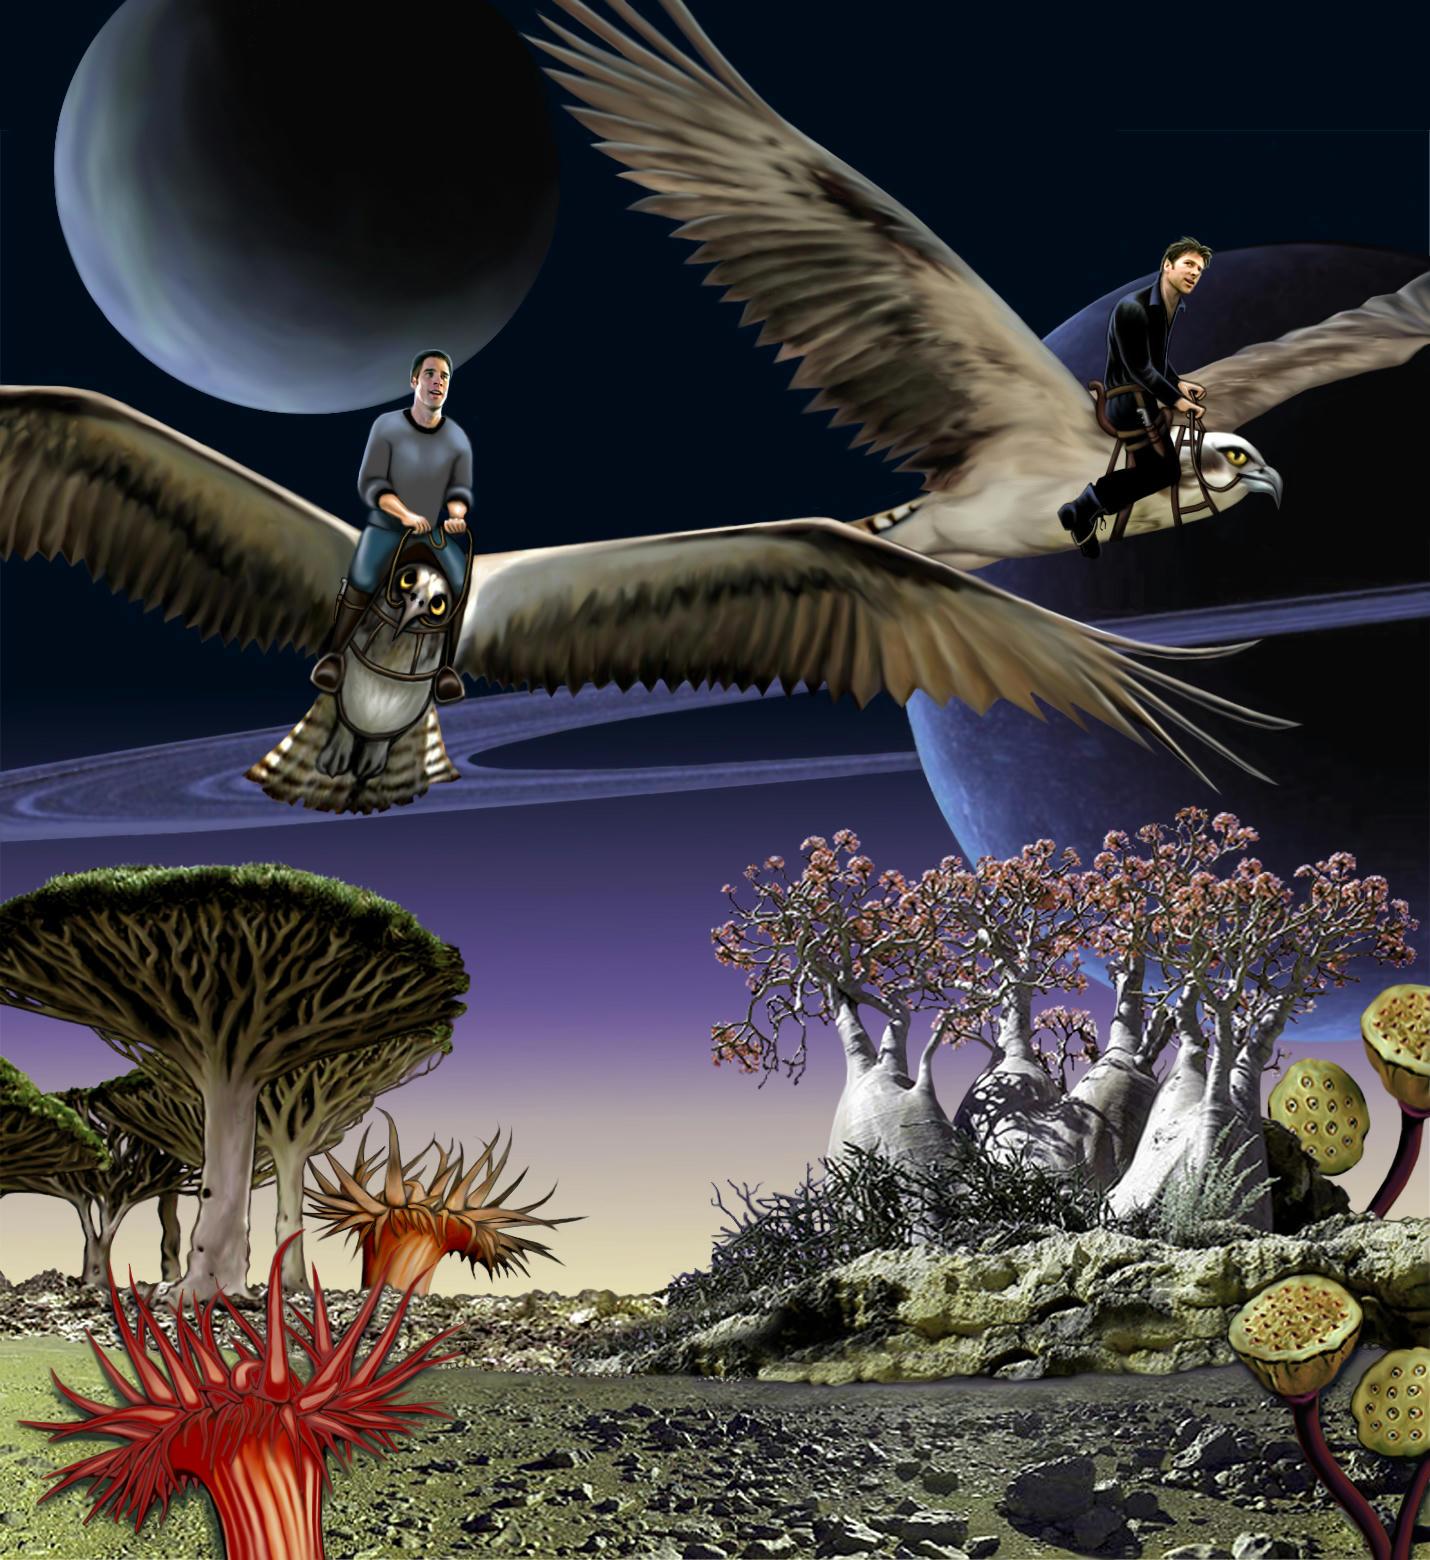 cam and john on backs of giant birds, over very alien planet